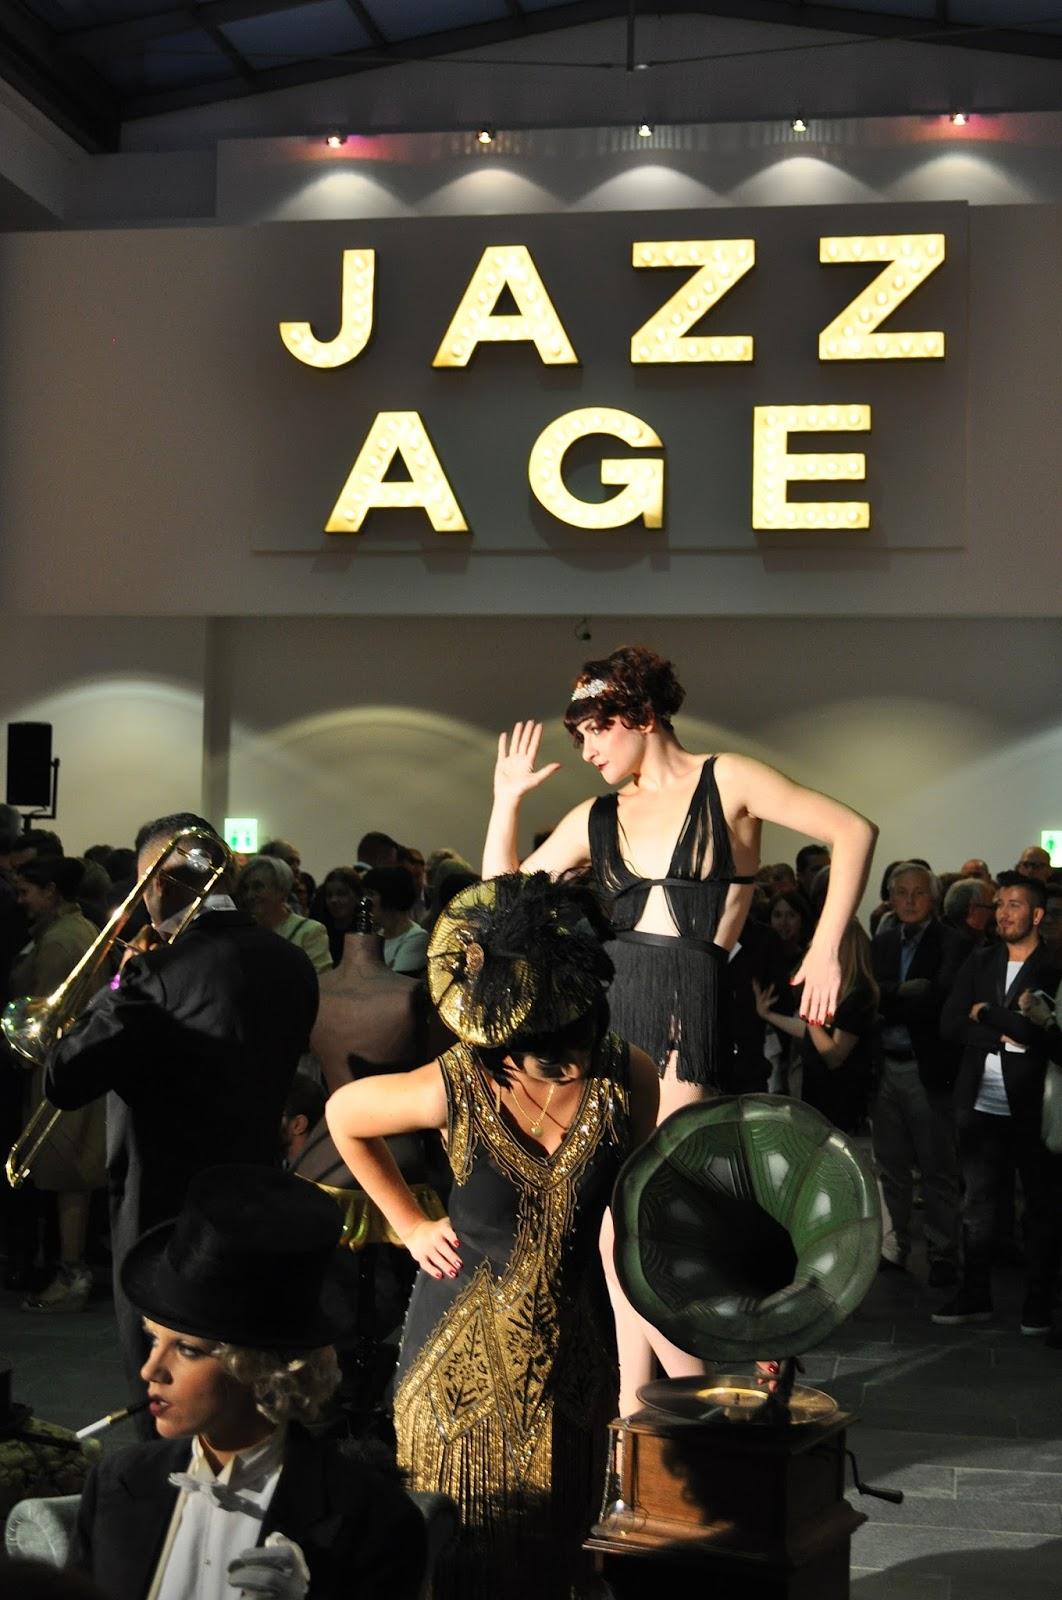 Brankopopovicblog Jazz Age